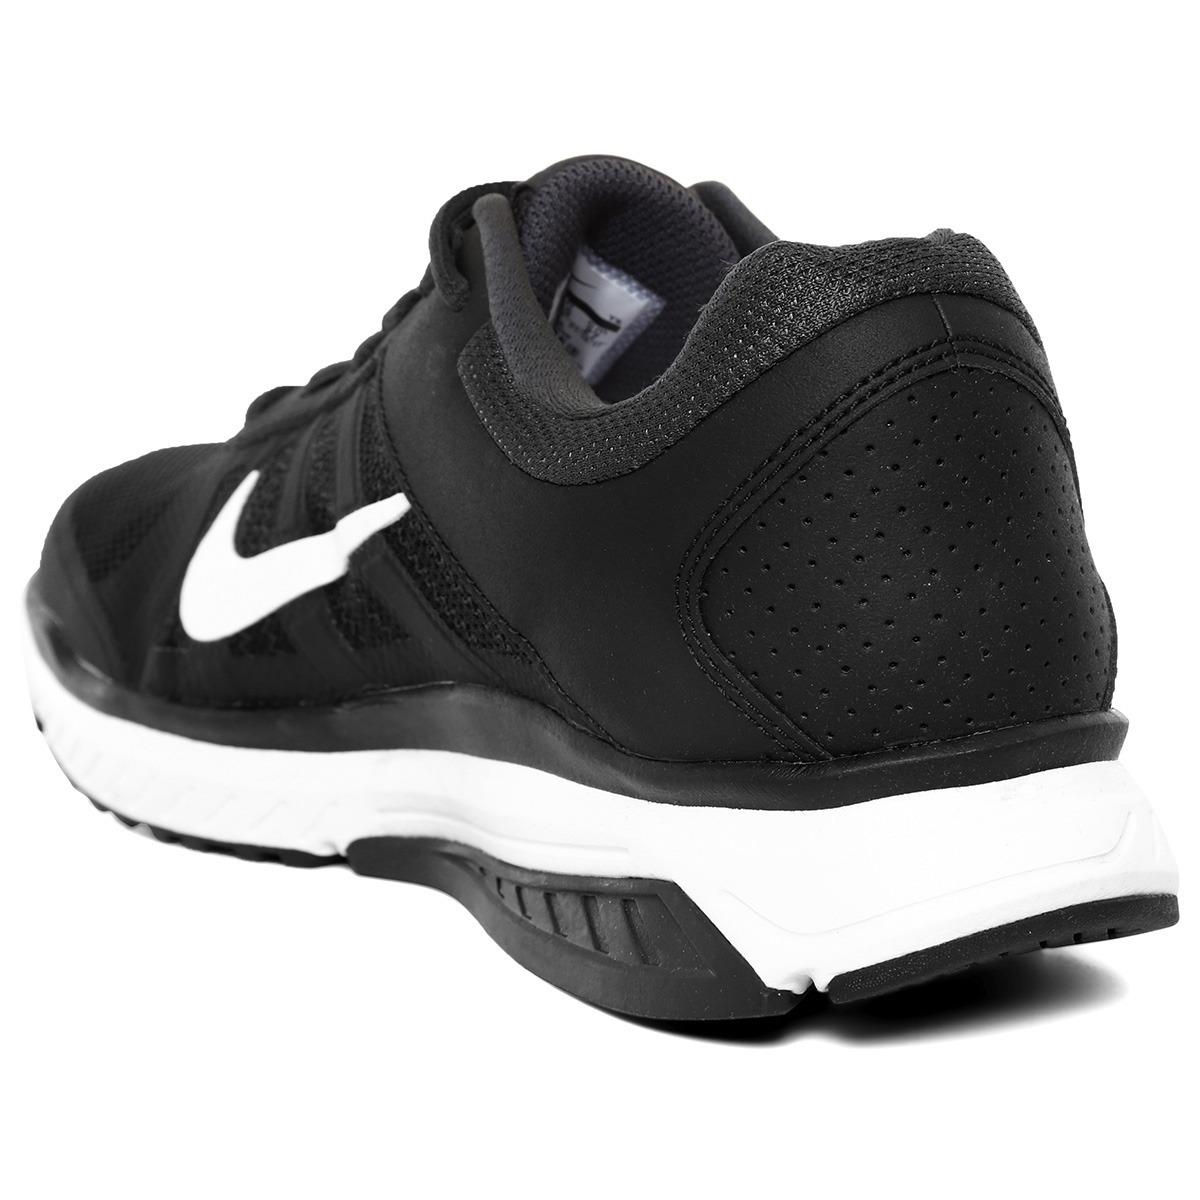 6fe87181 Zapatillas Nike Dart 12 Msl - $ 2.400,00 en Mercado Libre